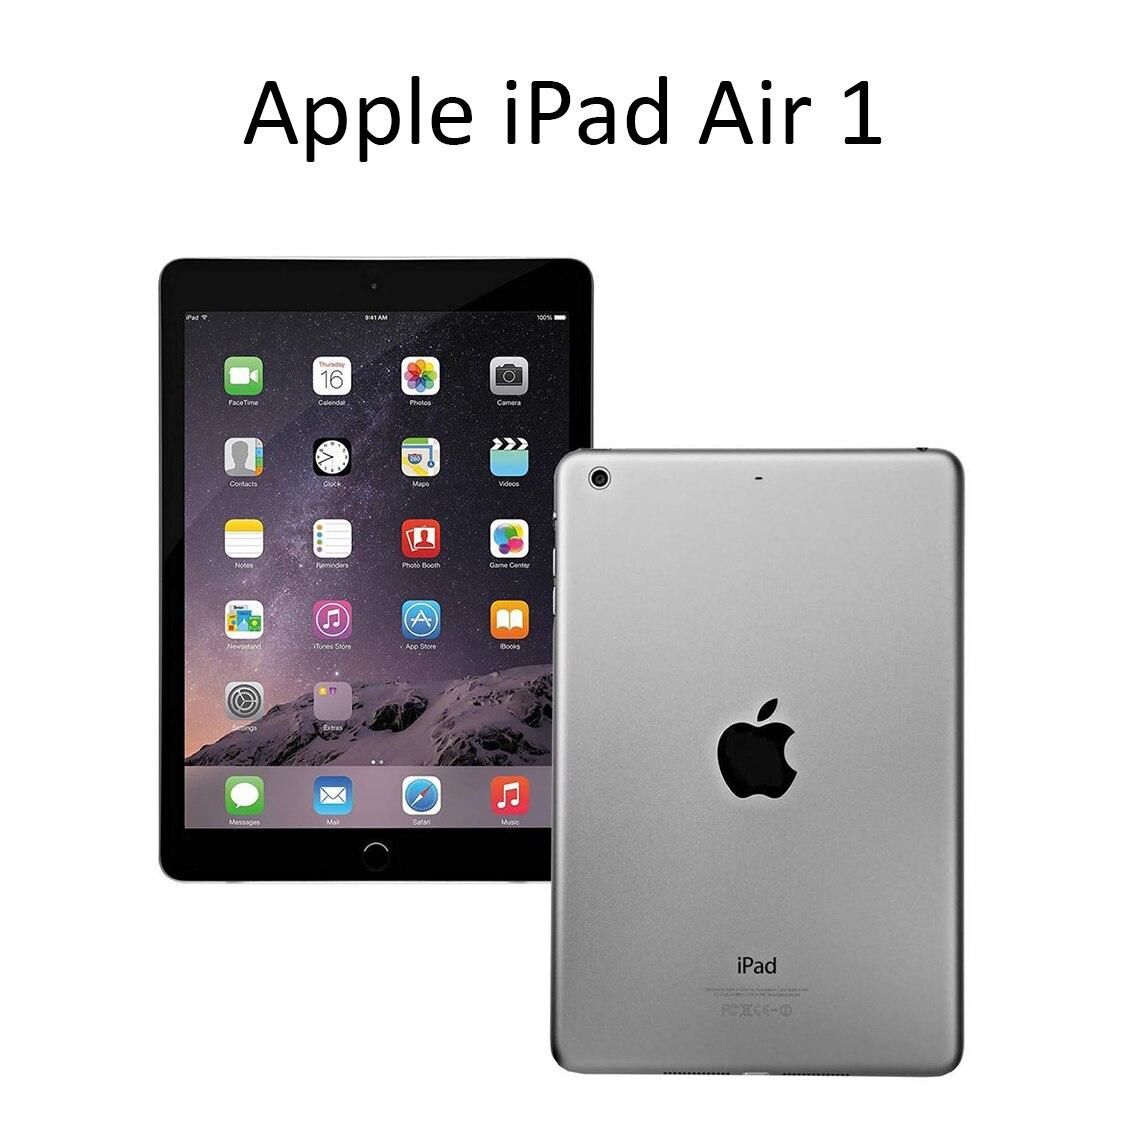 Apple-ipad air 1 90%, 16 gb/32gb, memória flash, 9.7 polegadas, 2048x1536, não toque, id, pc, espaço cinza/prata